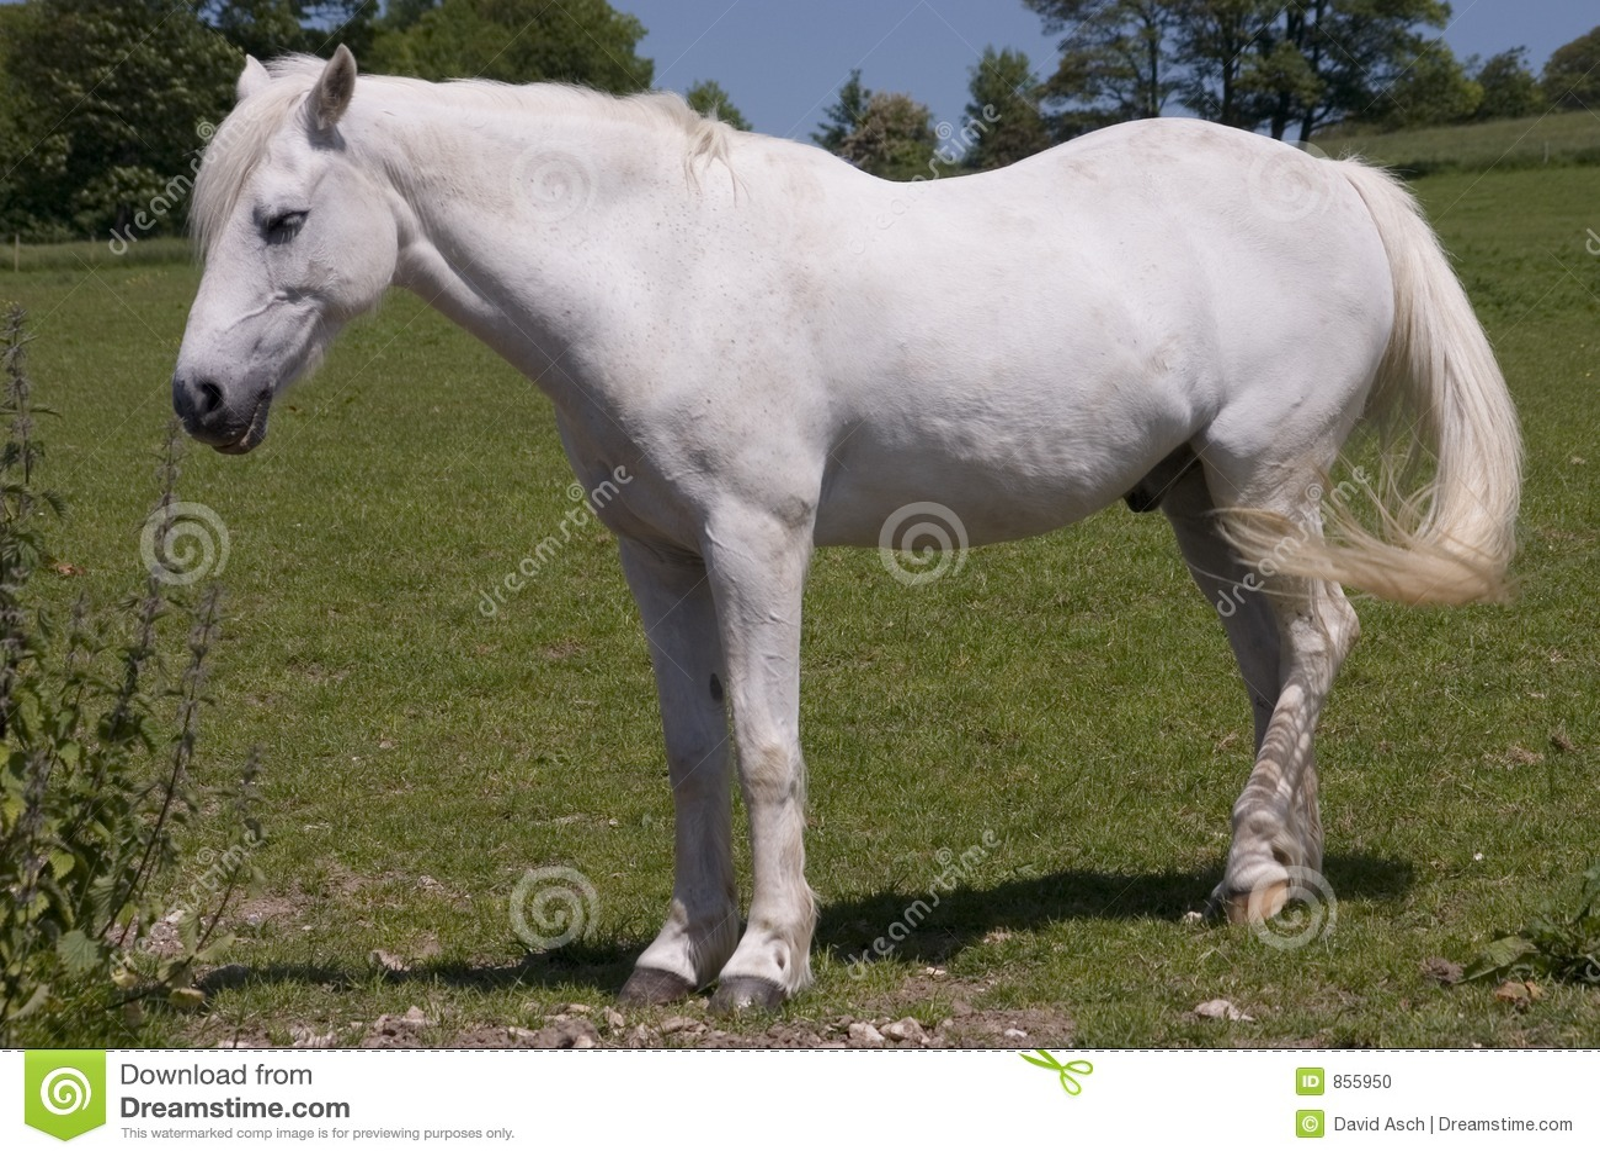 2 white horse